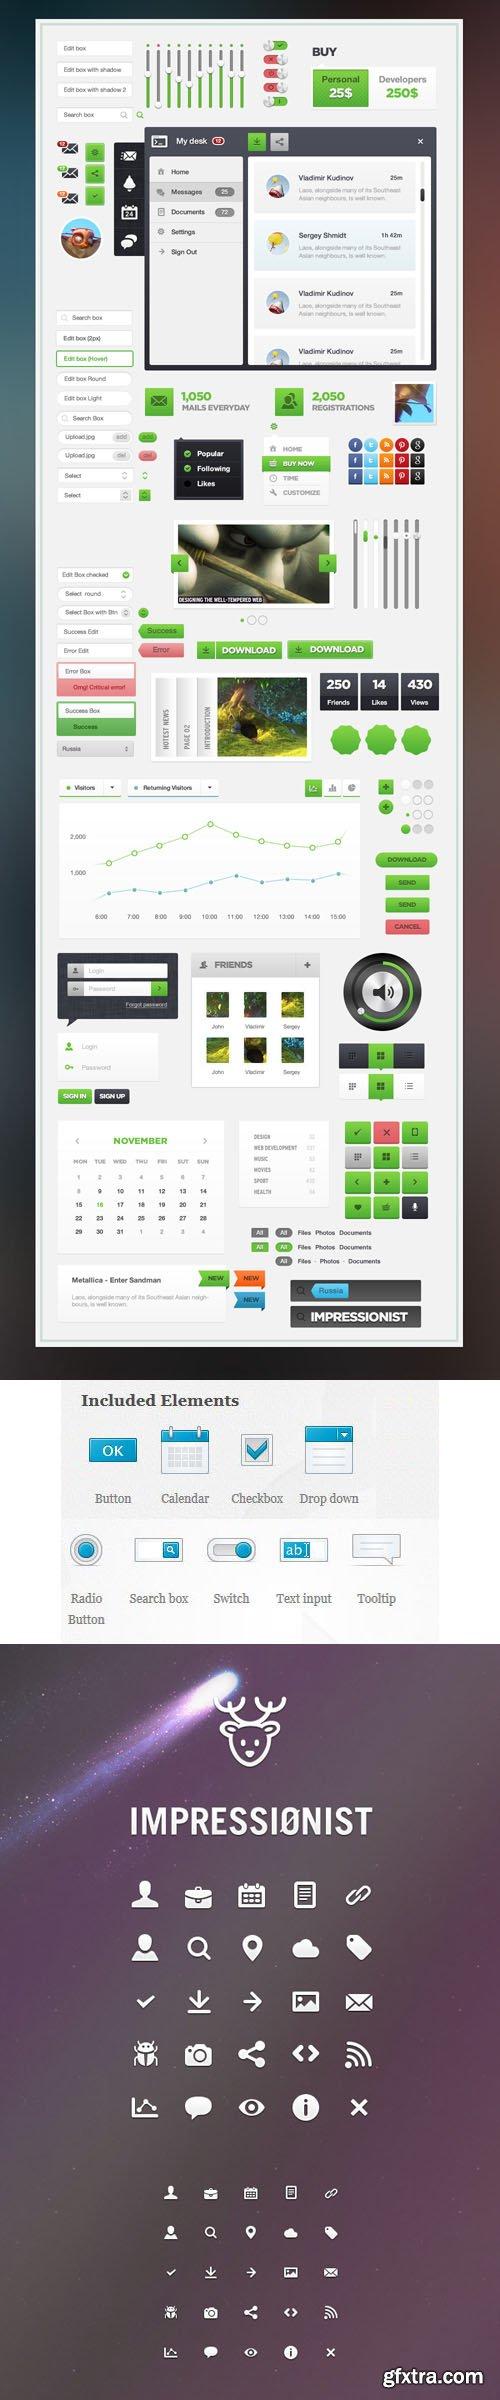 Impressionist UI Pack in PSD